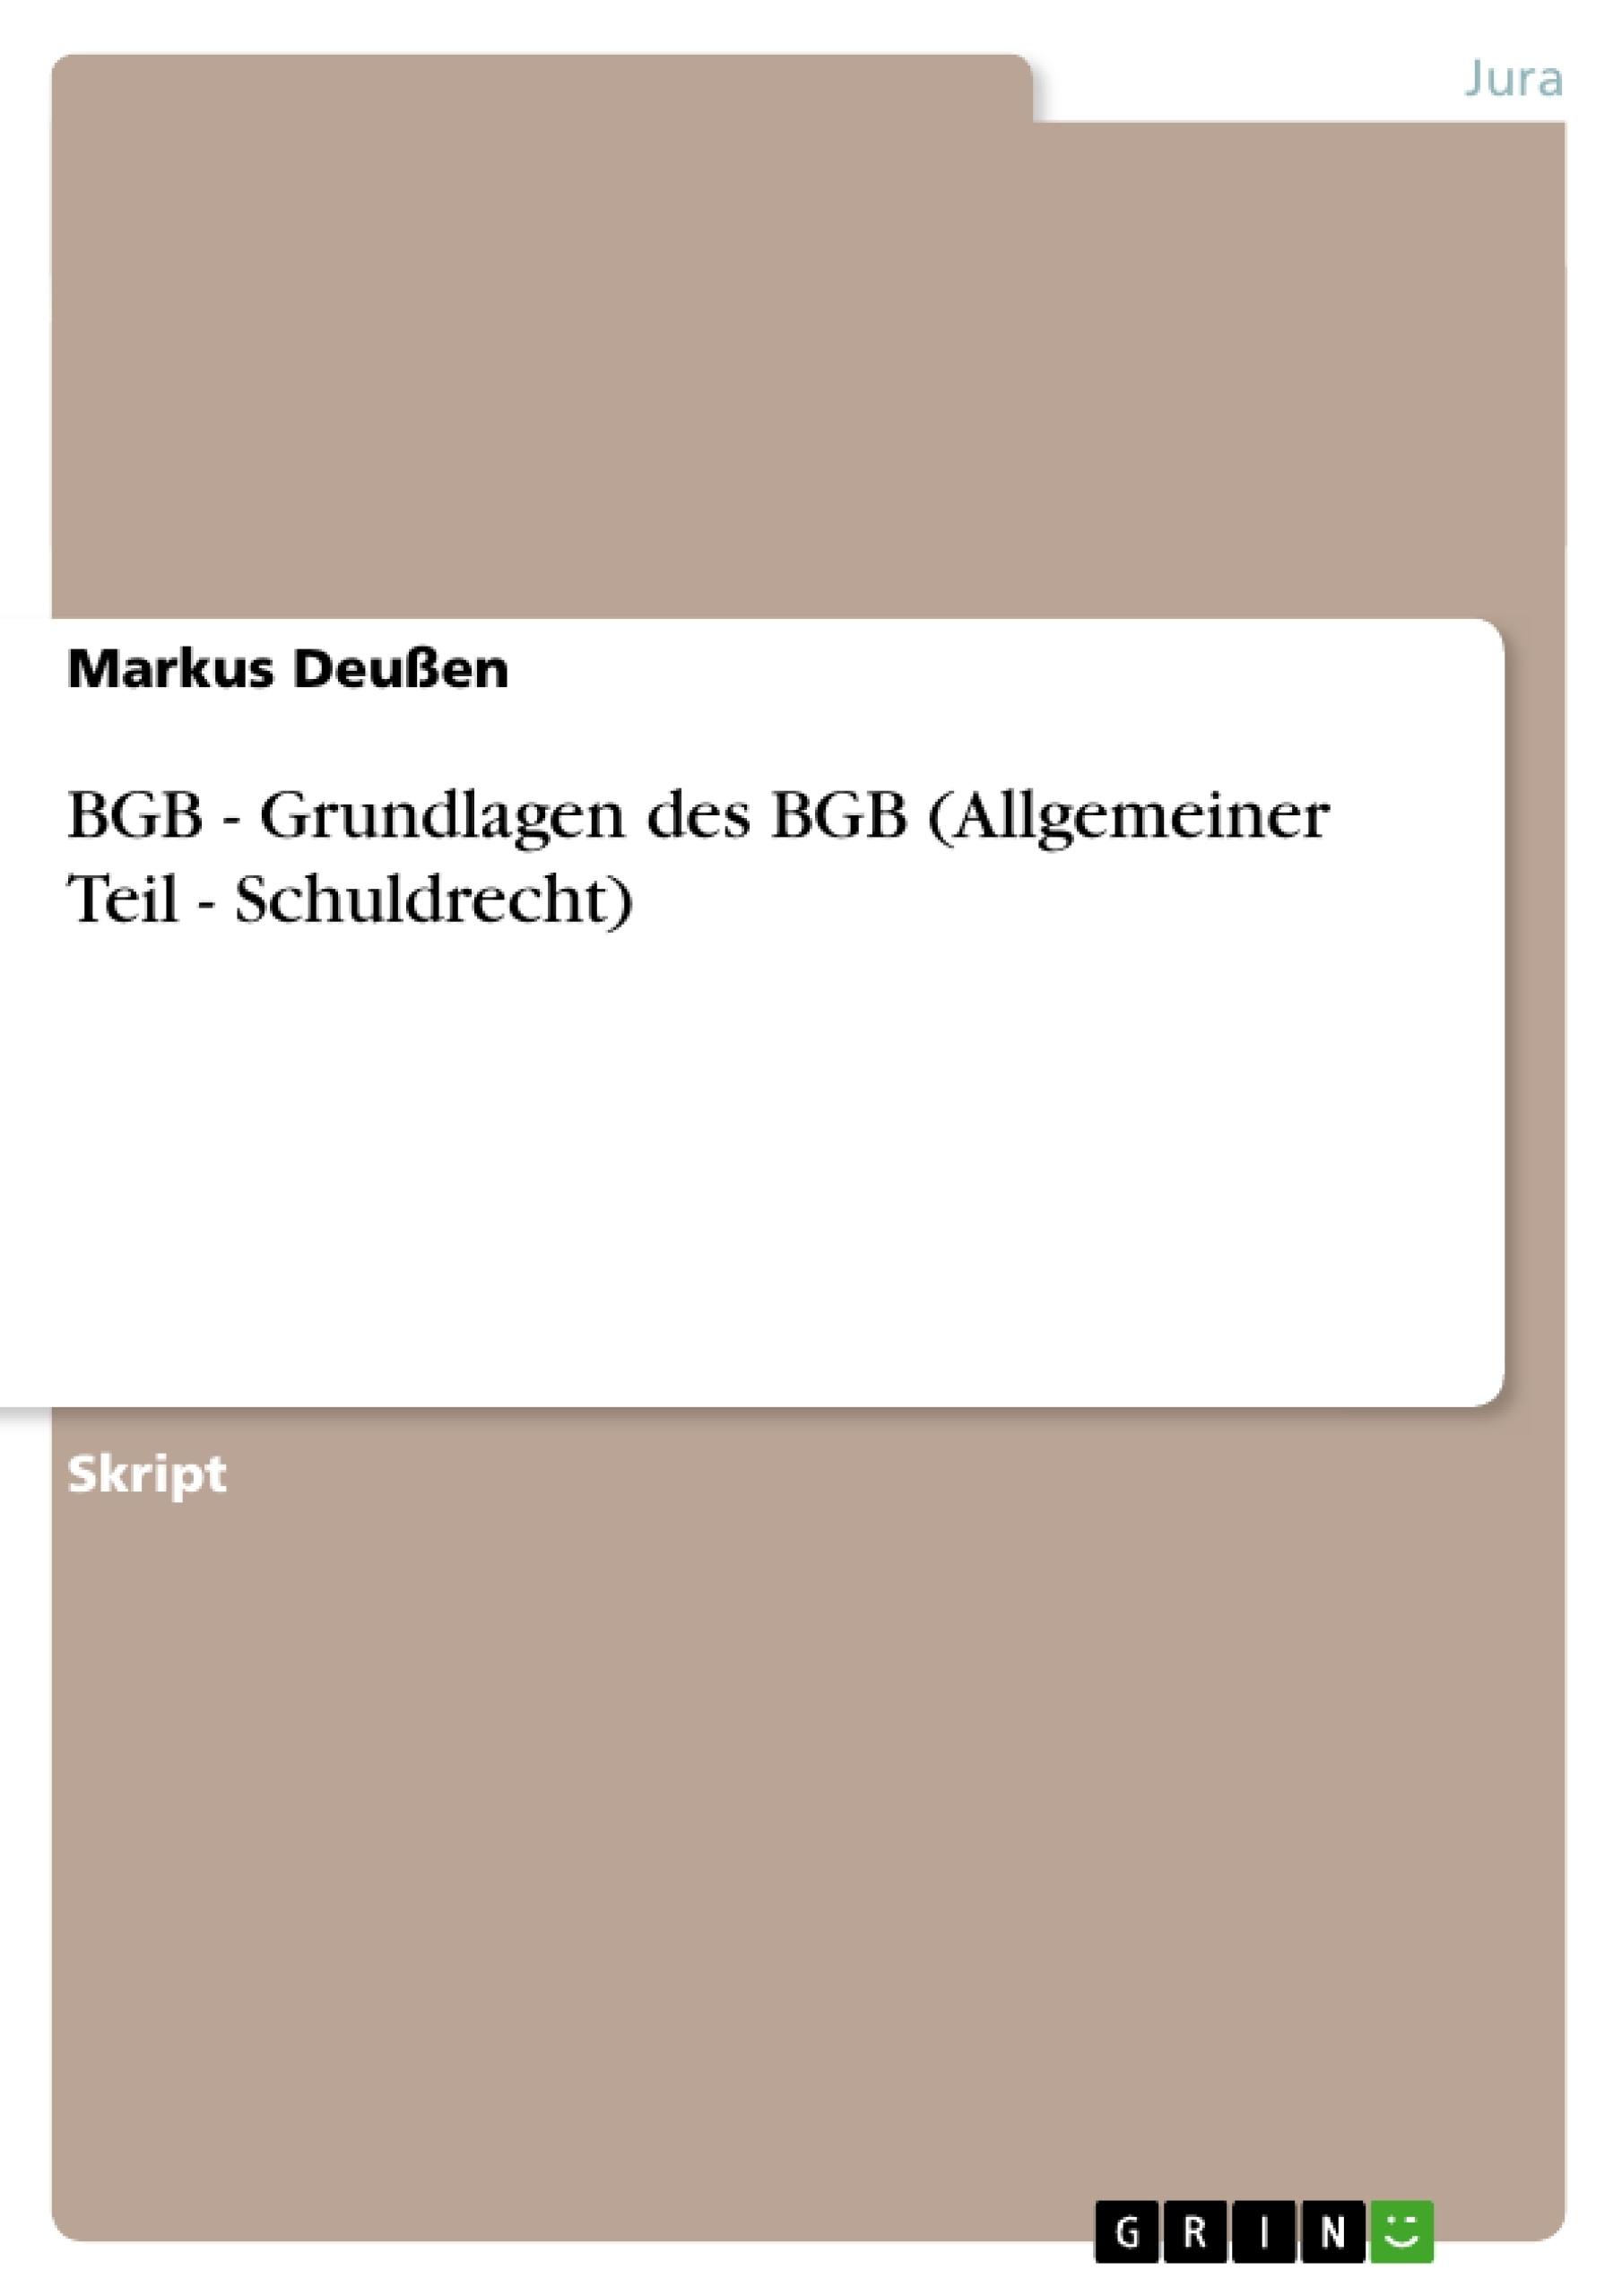 Titel: BGB - Grundlagen des BGB (Allgemeiner Teil - Schuldrecht)